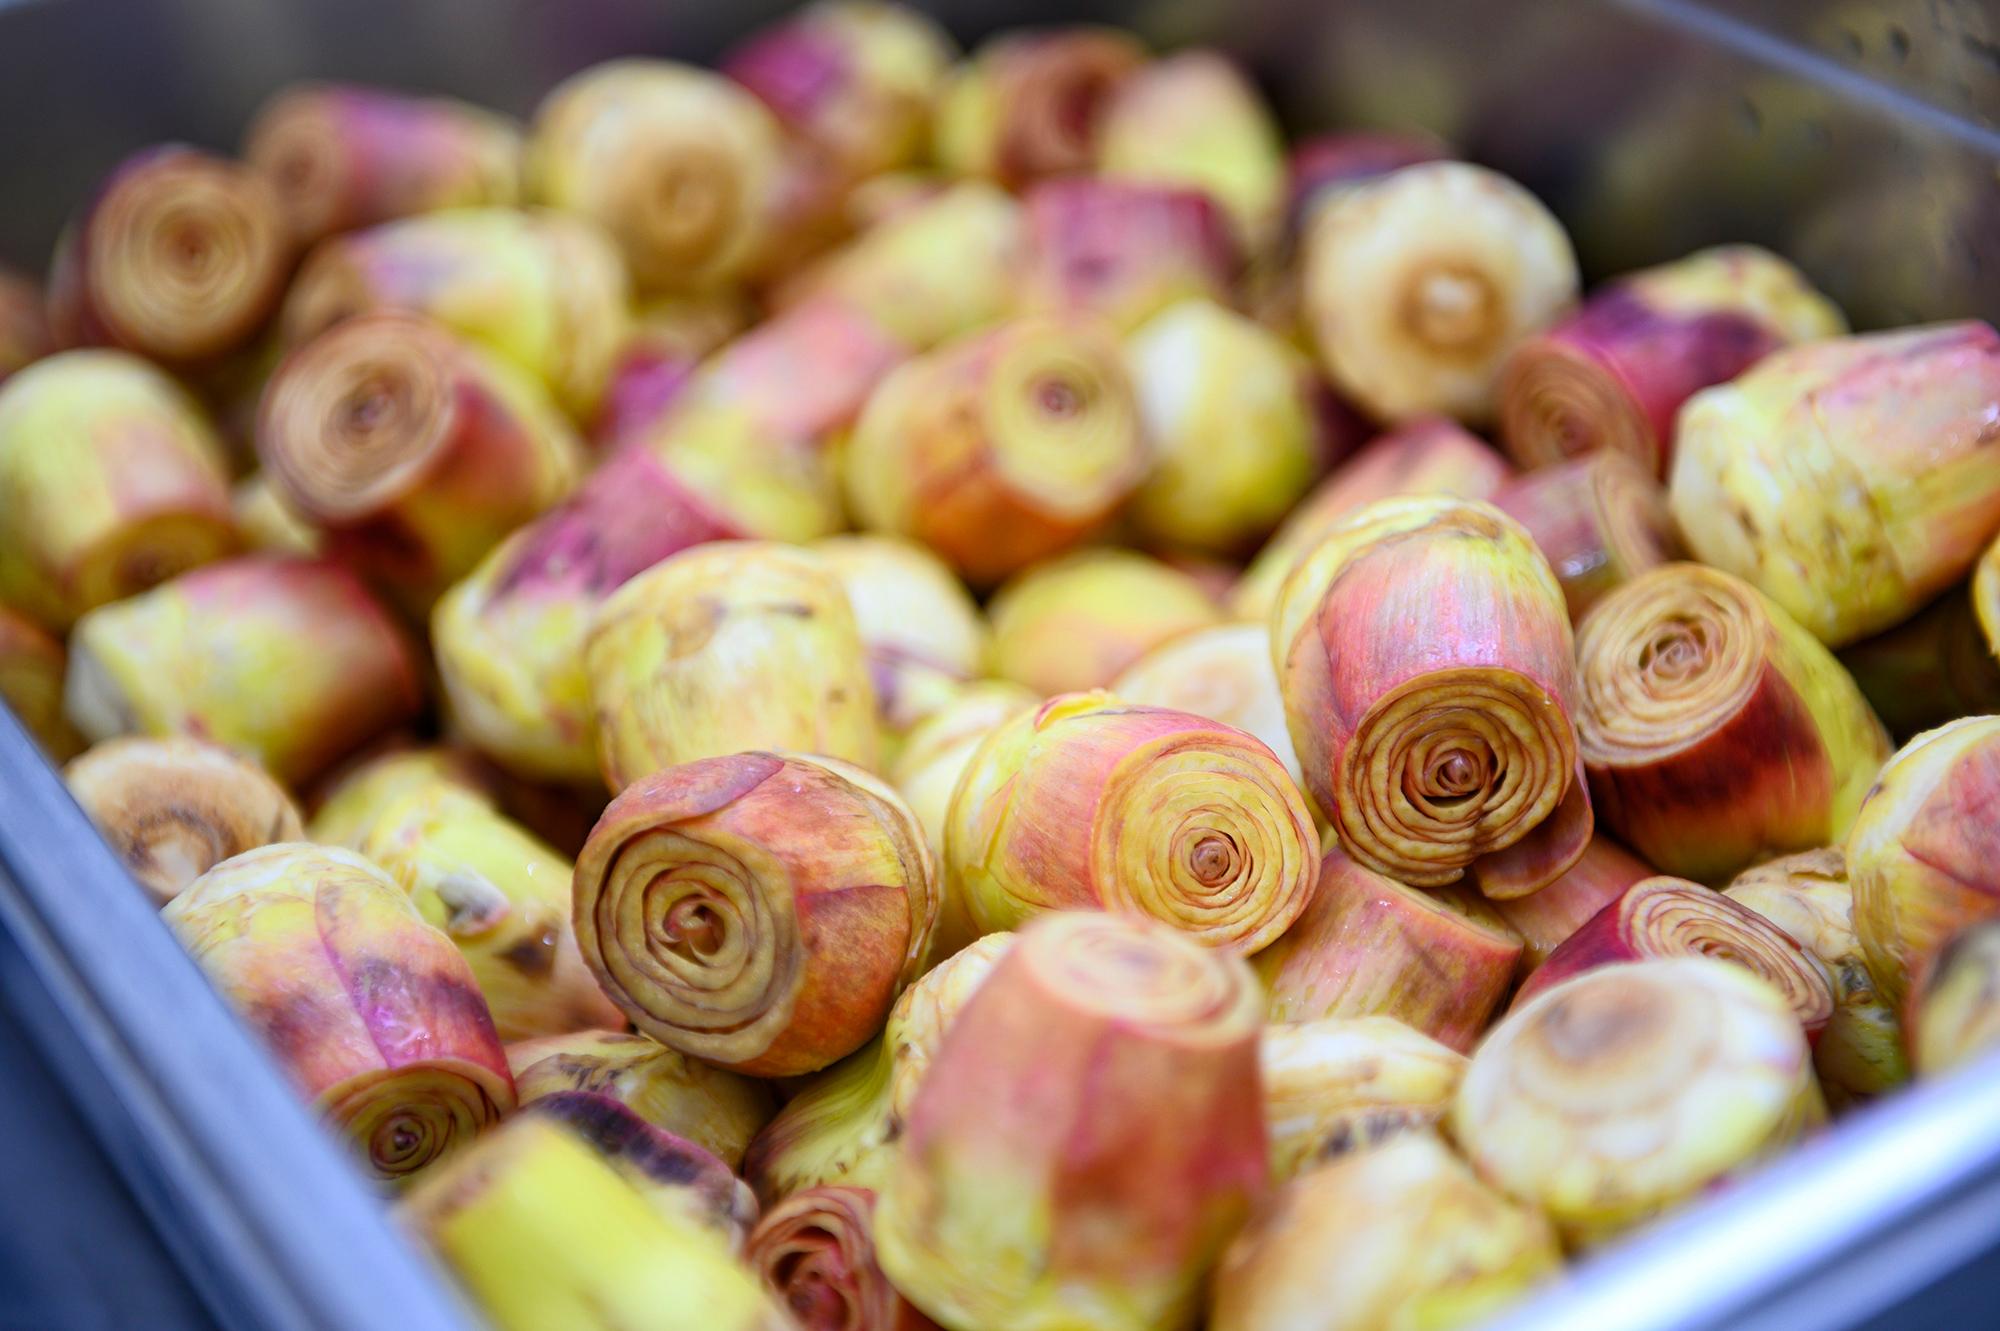 marmellate artigianali della sardegna